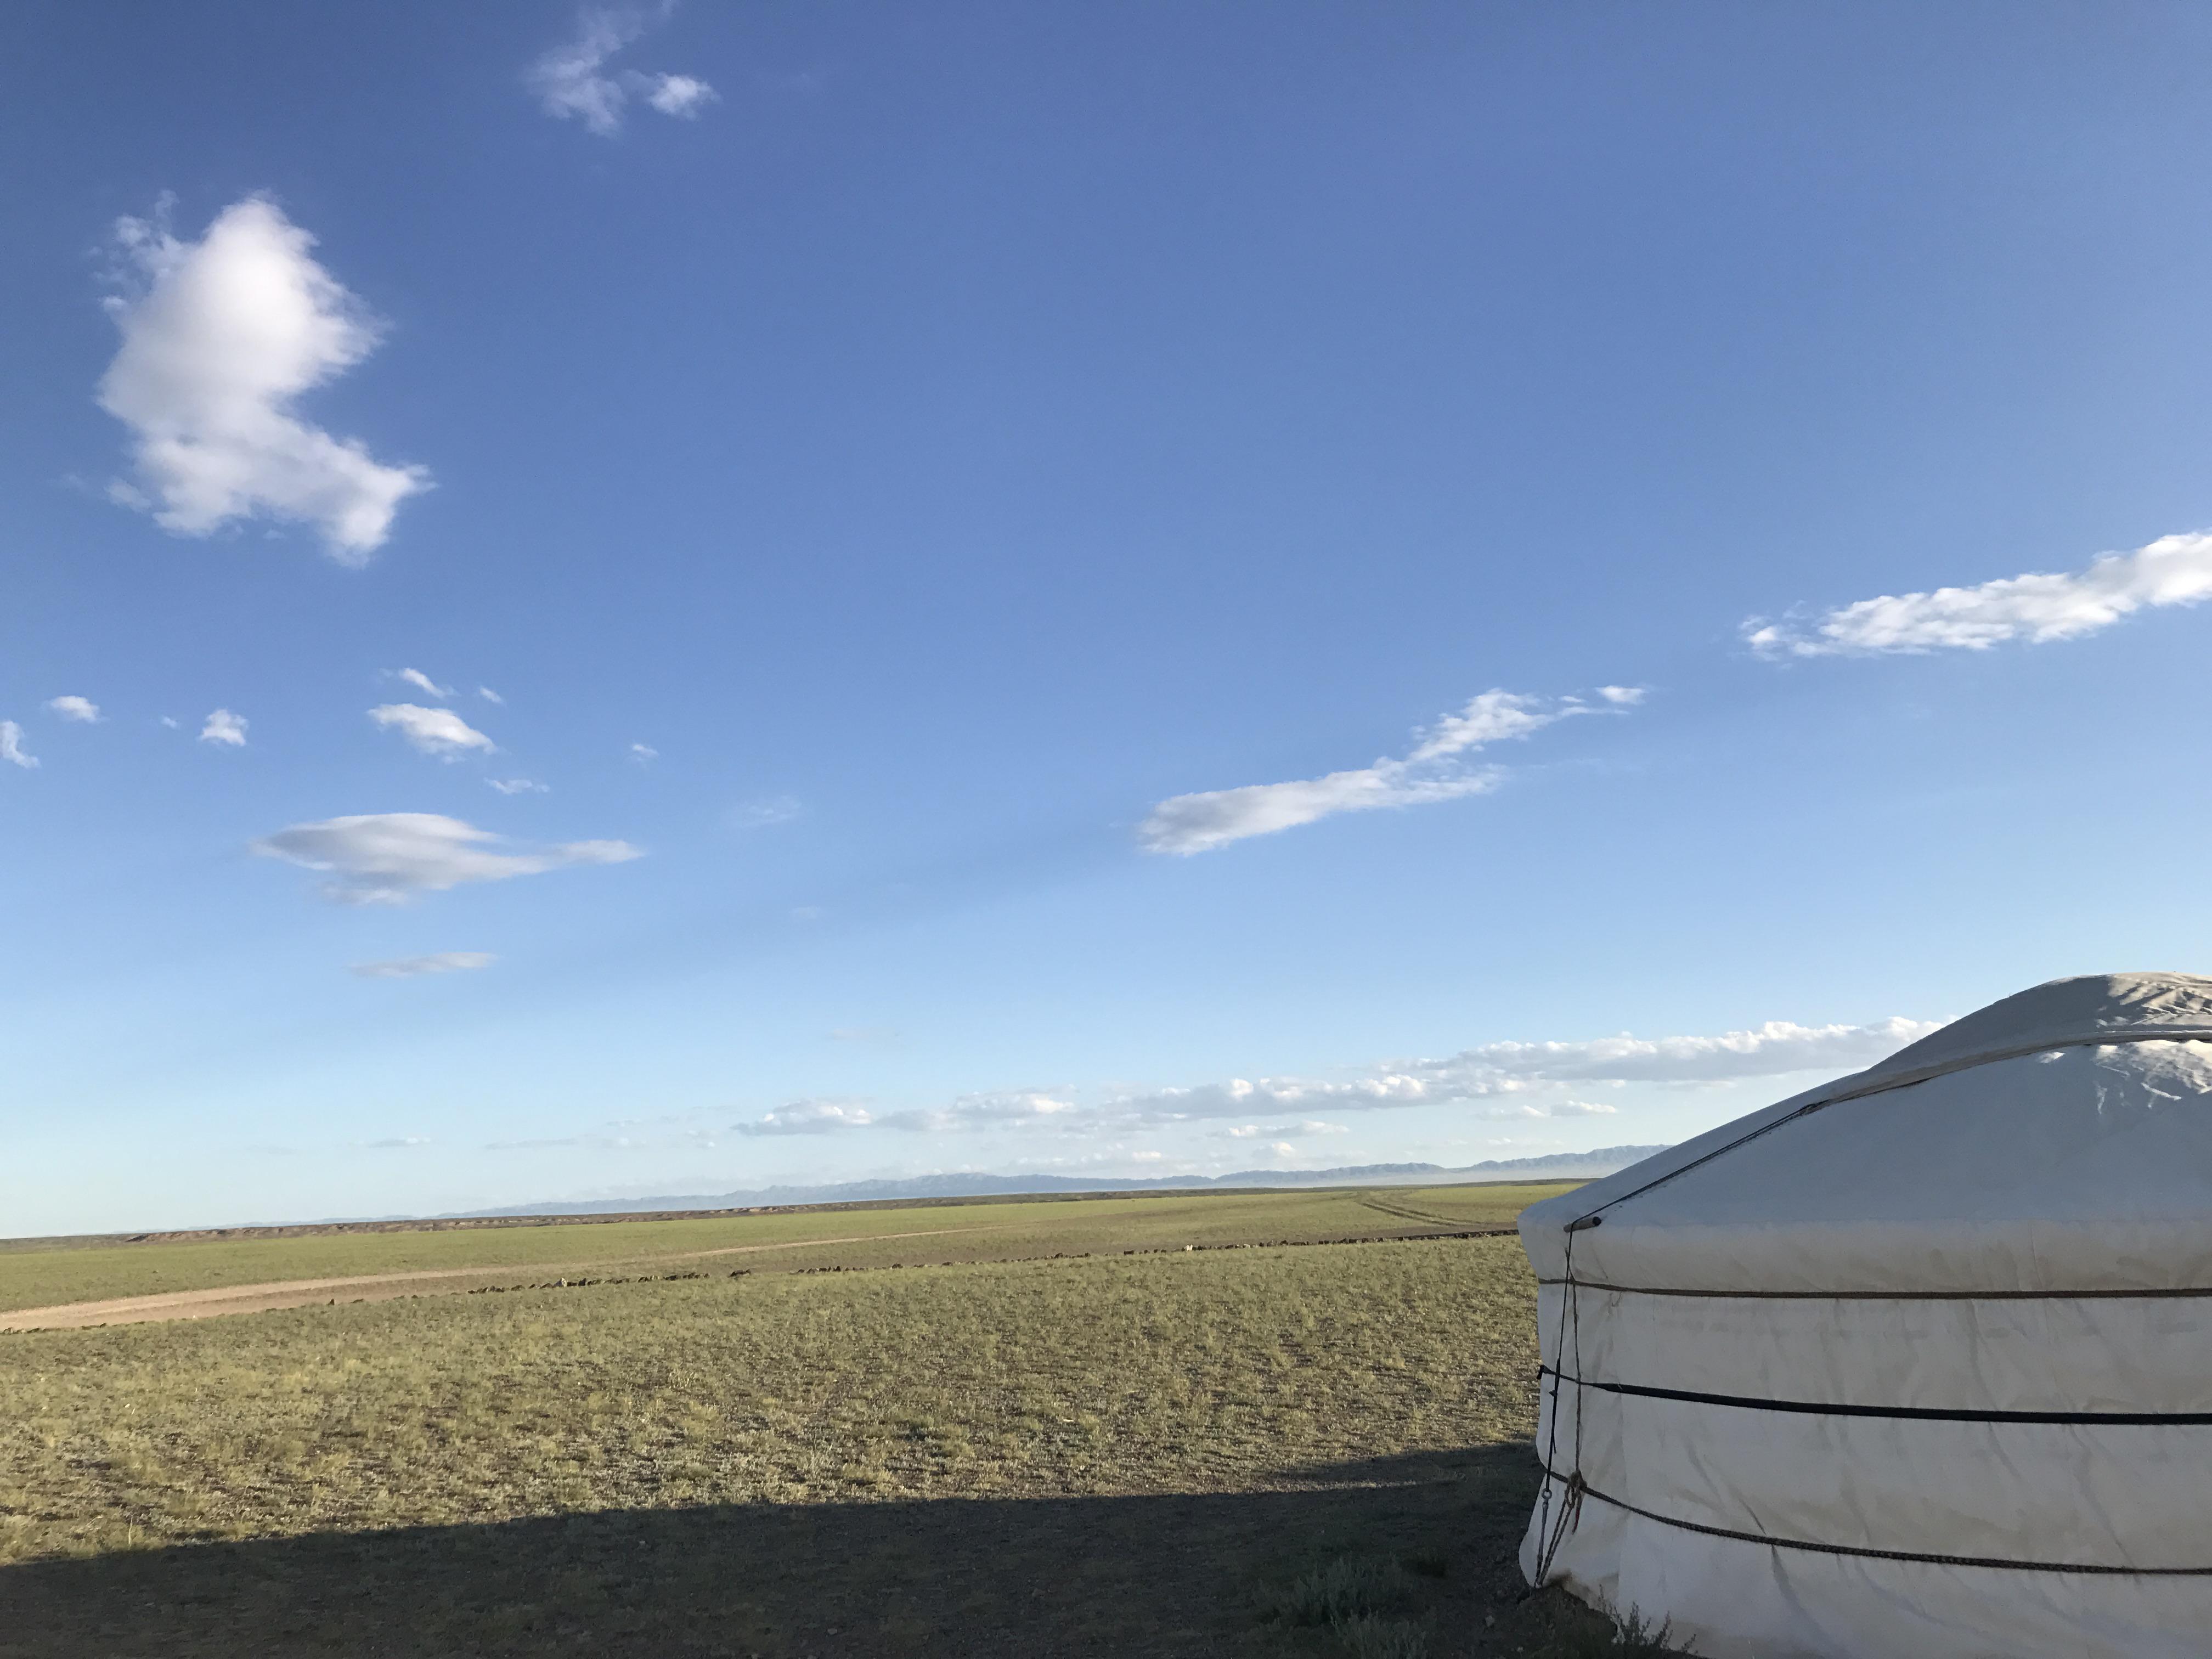 Image of ger in Gobi Desert